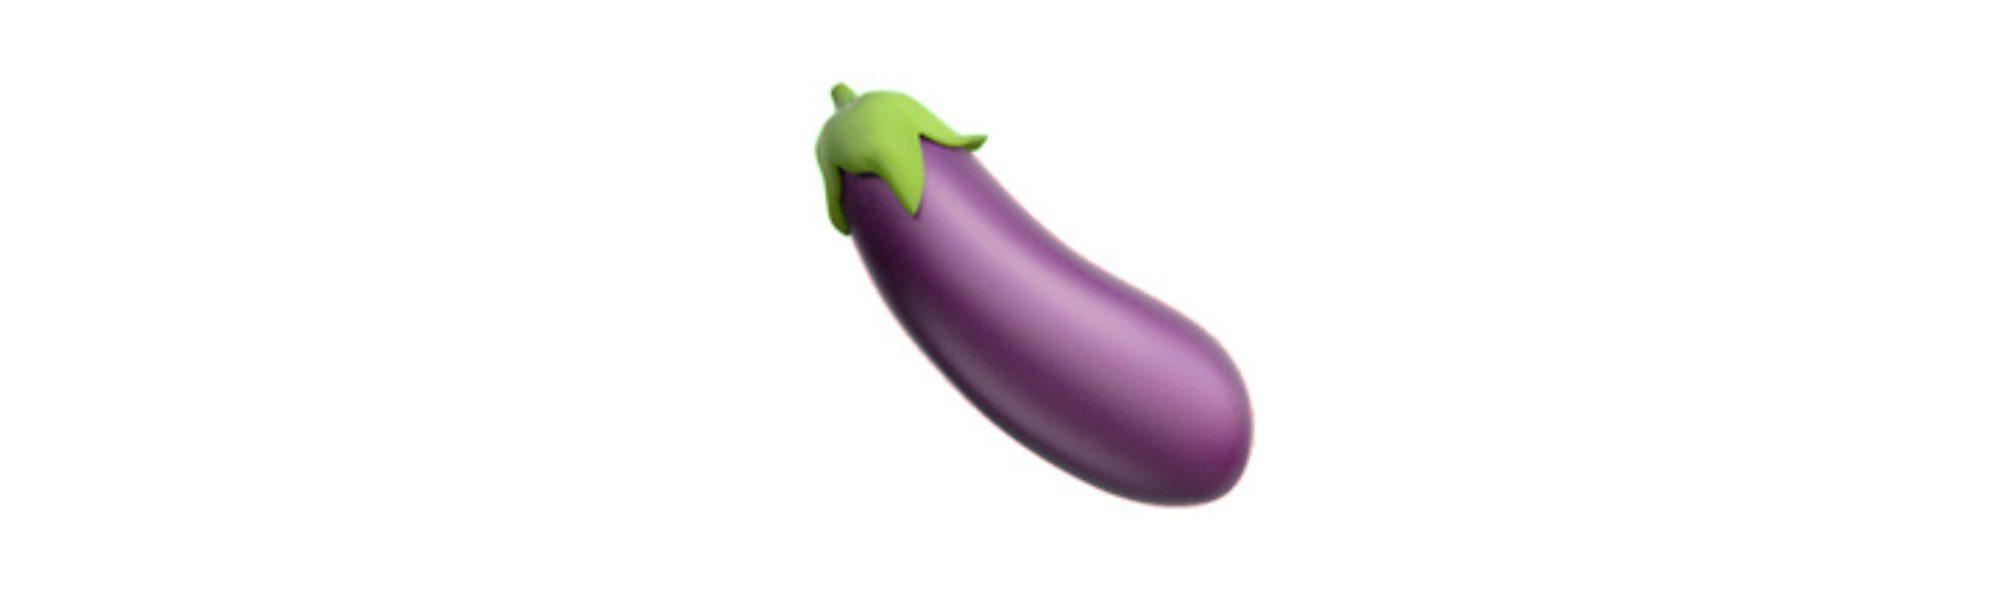 Emoji 02